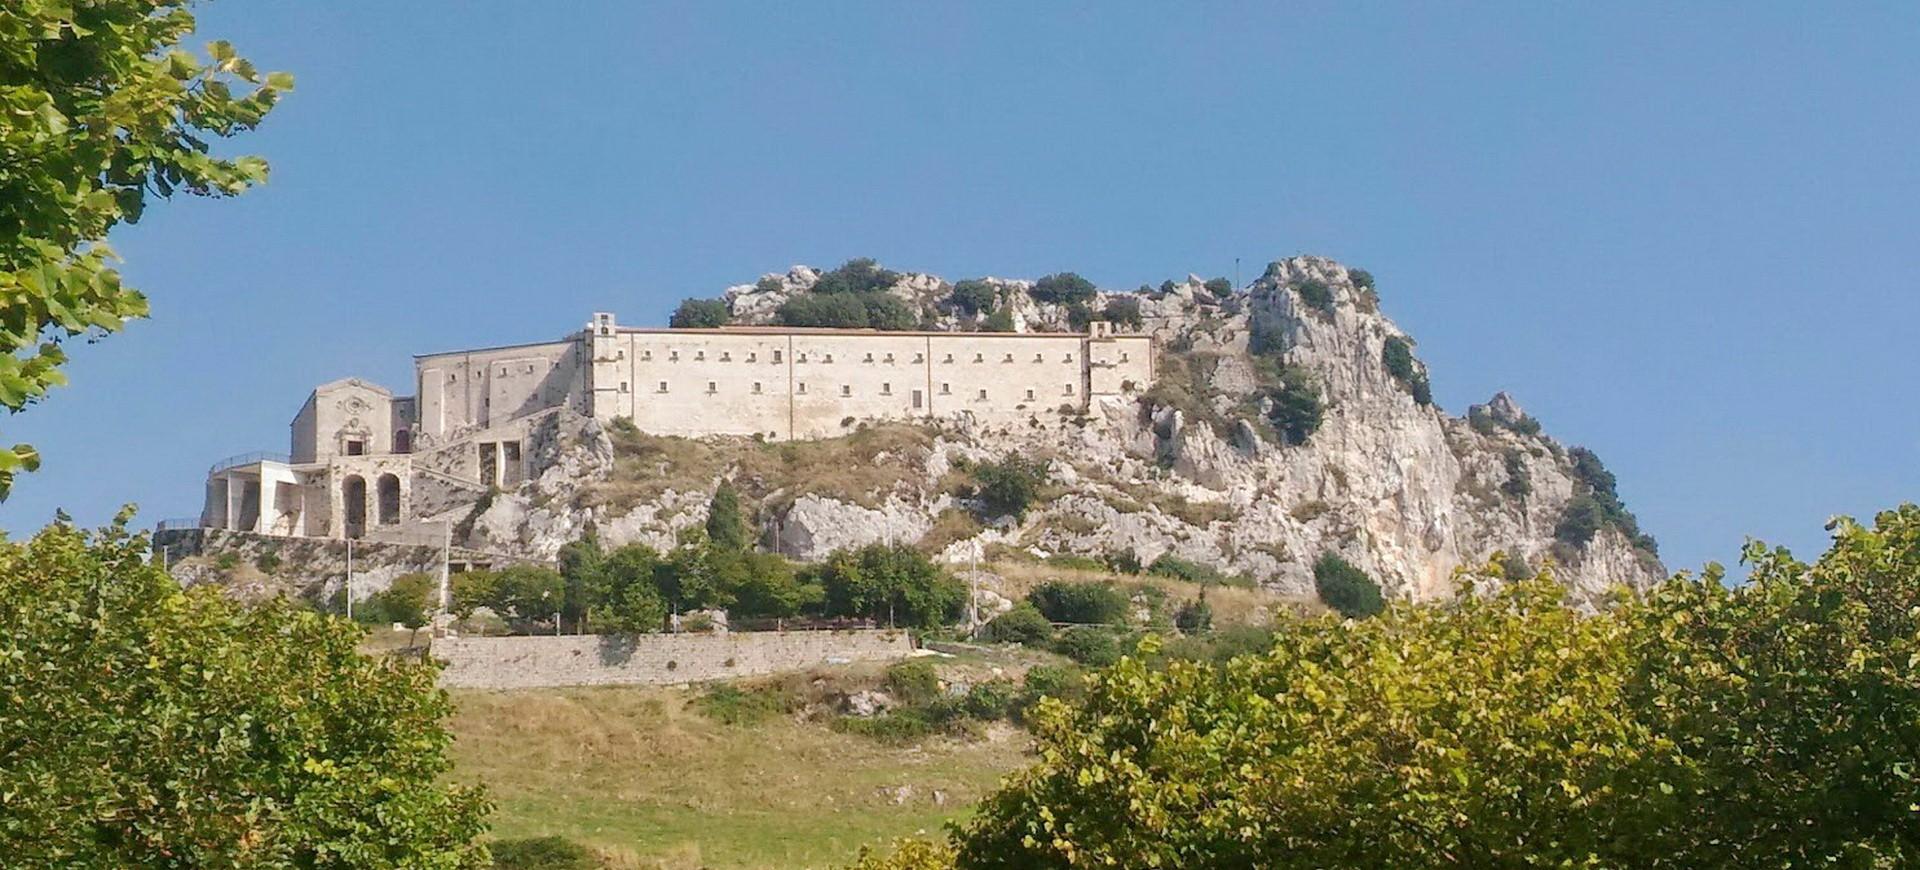 Italie Sicile Caltabellotta